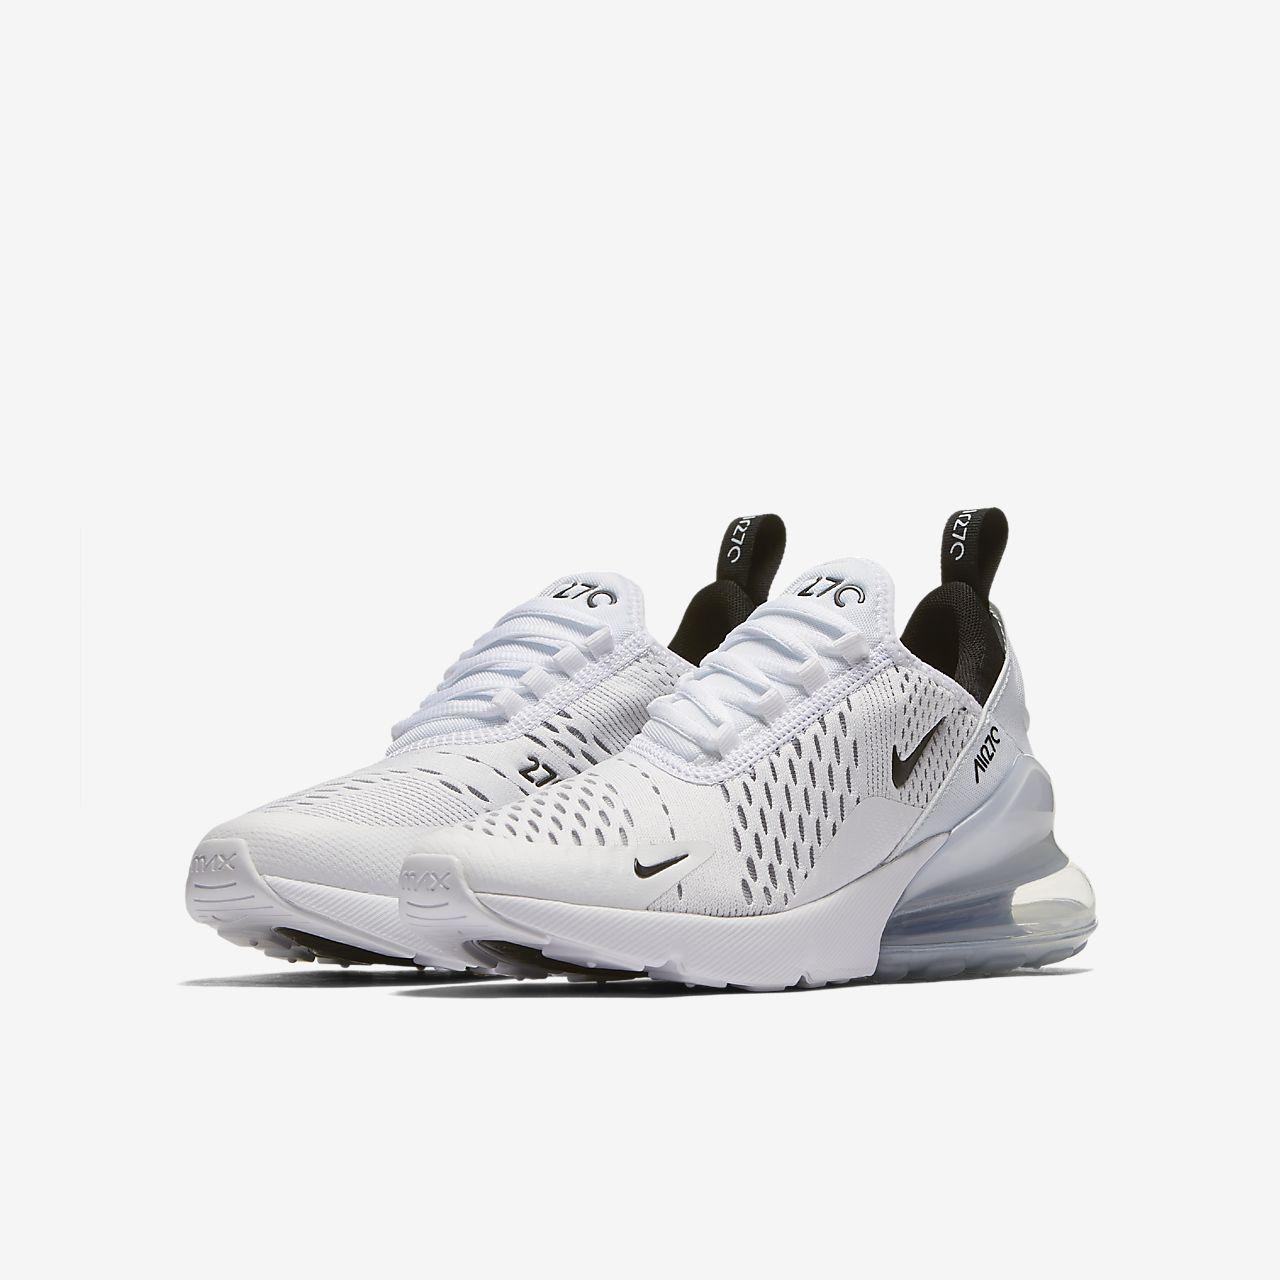 scarpe nike air max ragazzo prezzi